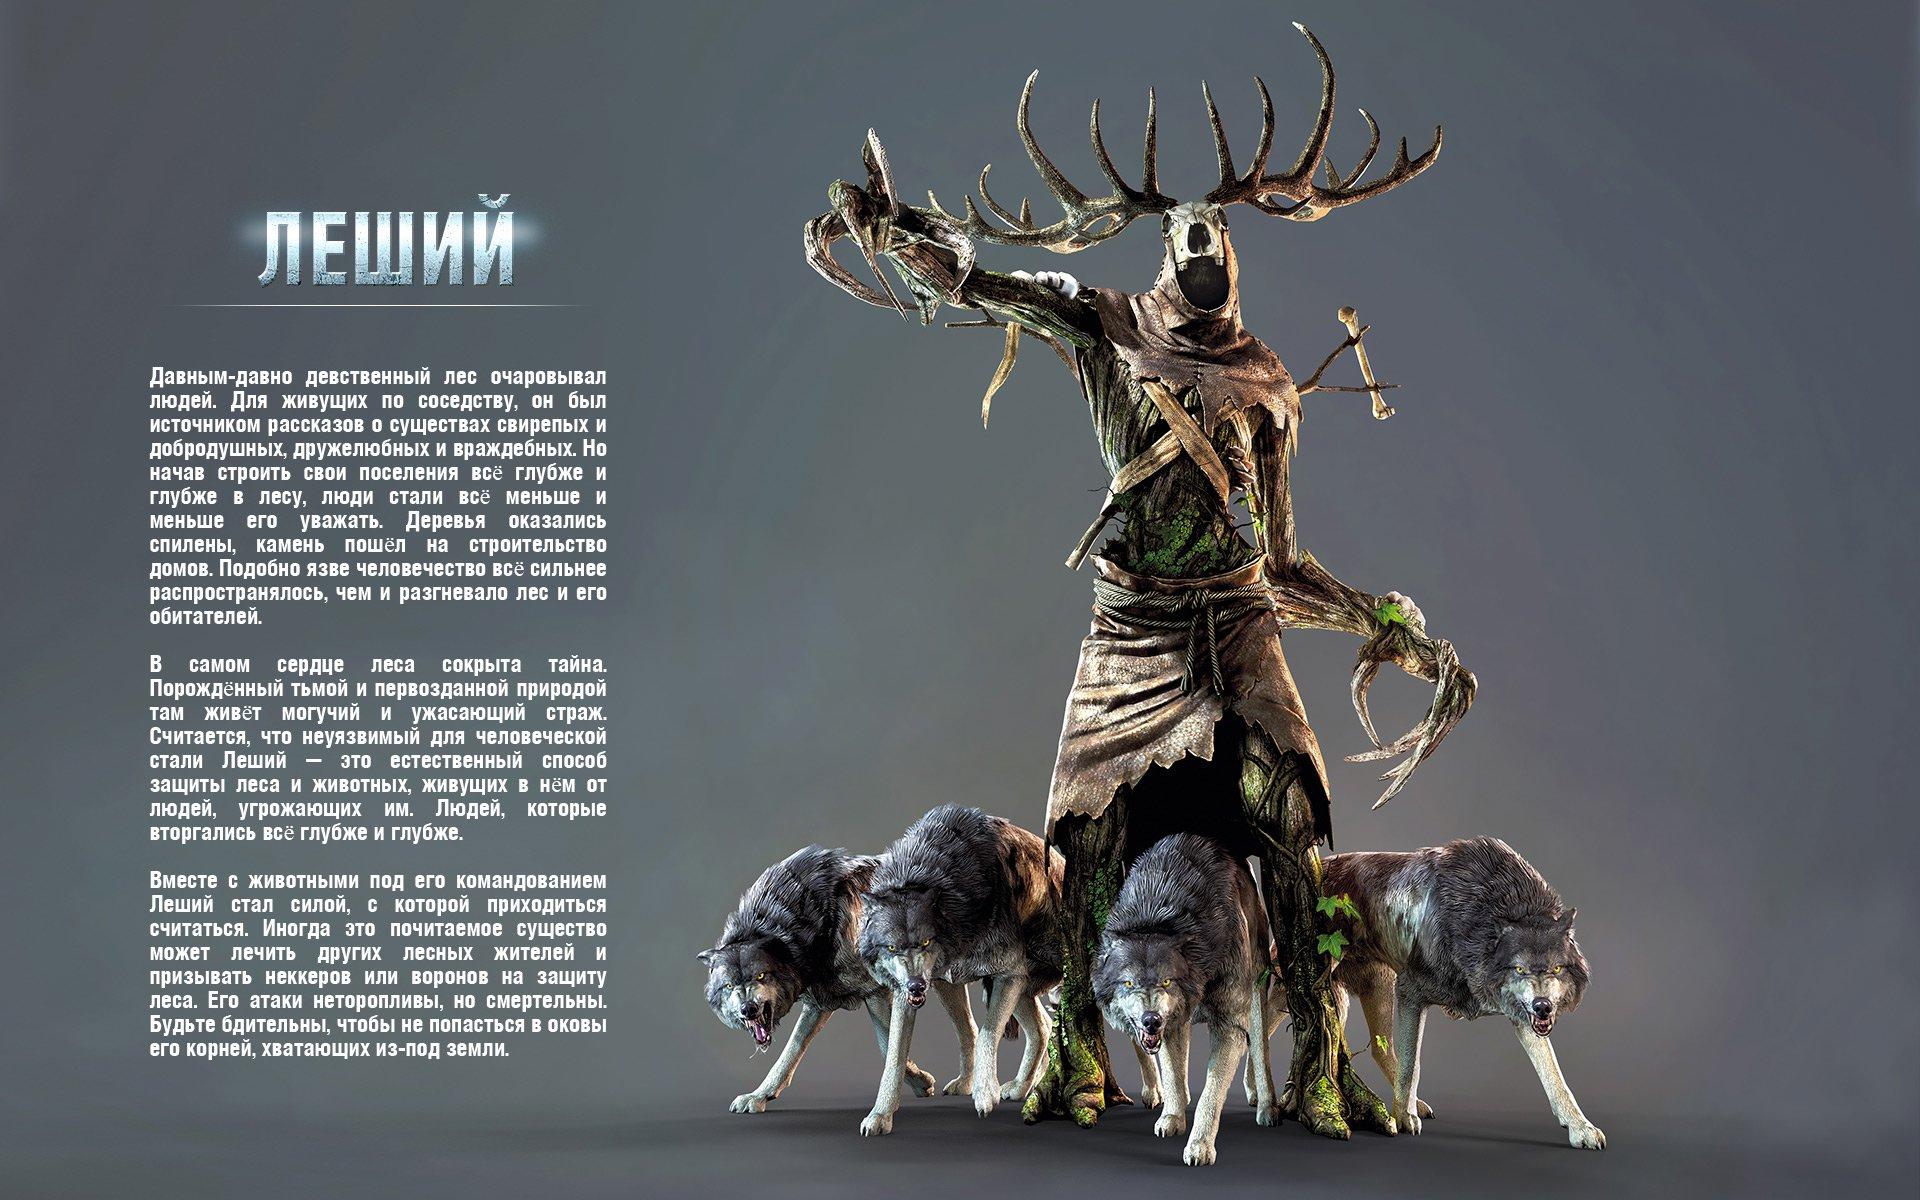 Бестиарий.   CD Projekt RED начали рассказывать нам о монстрах из Ведьмака 3.             Ждем грифона.            # .... - Изображение 1